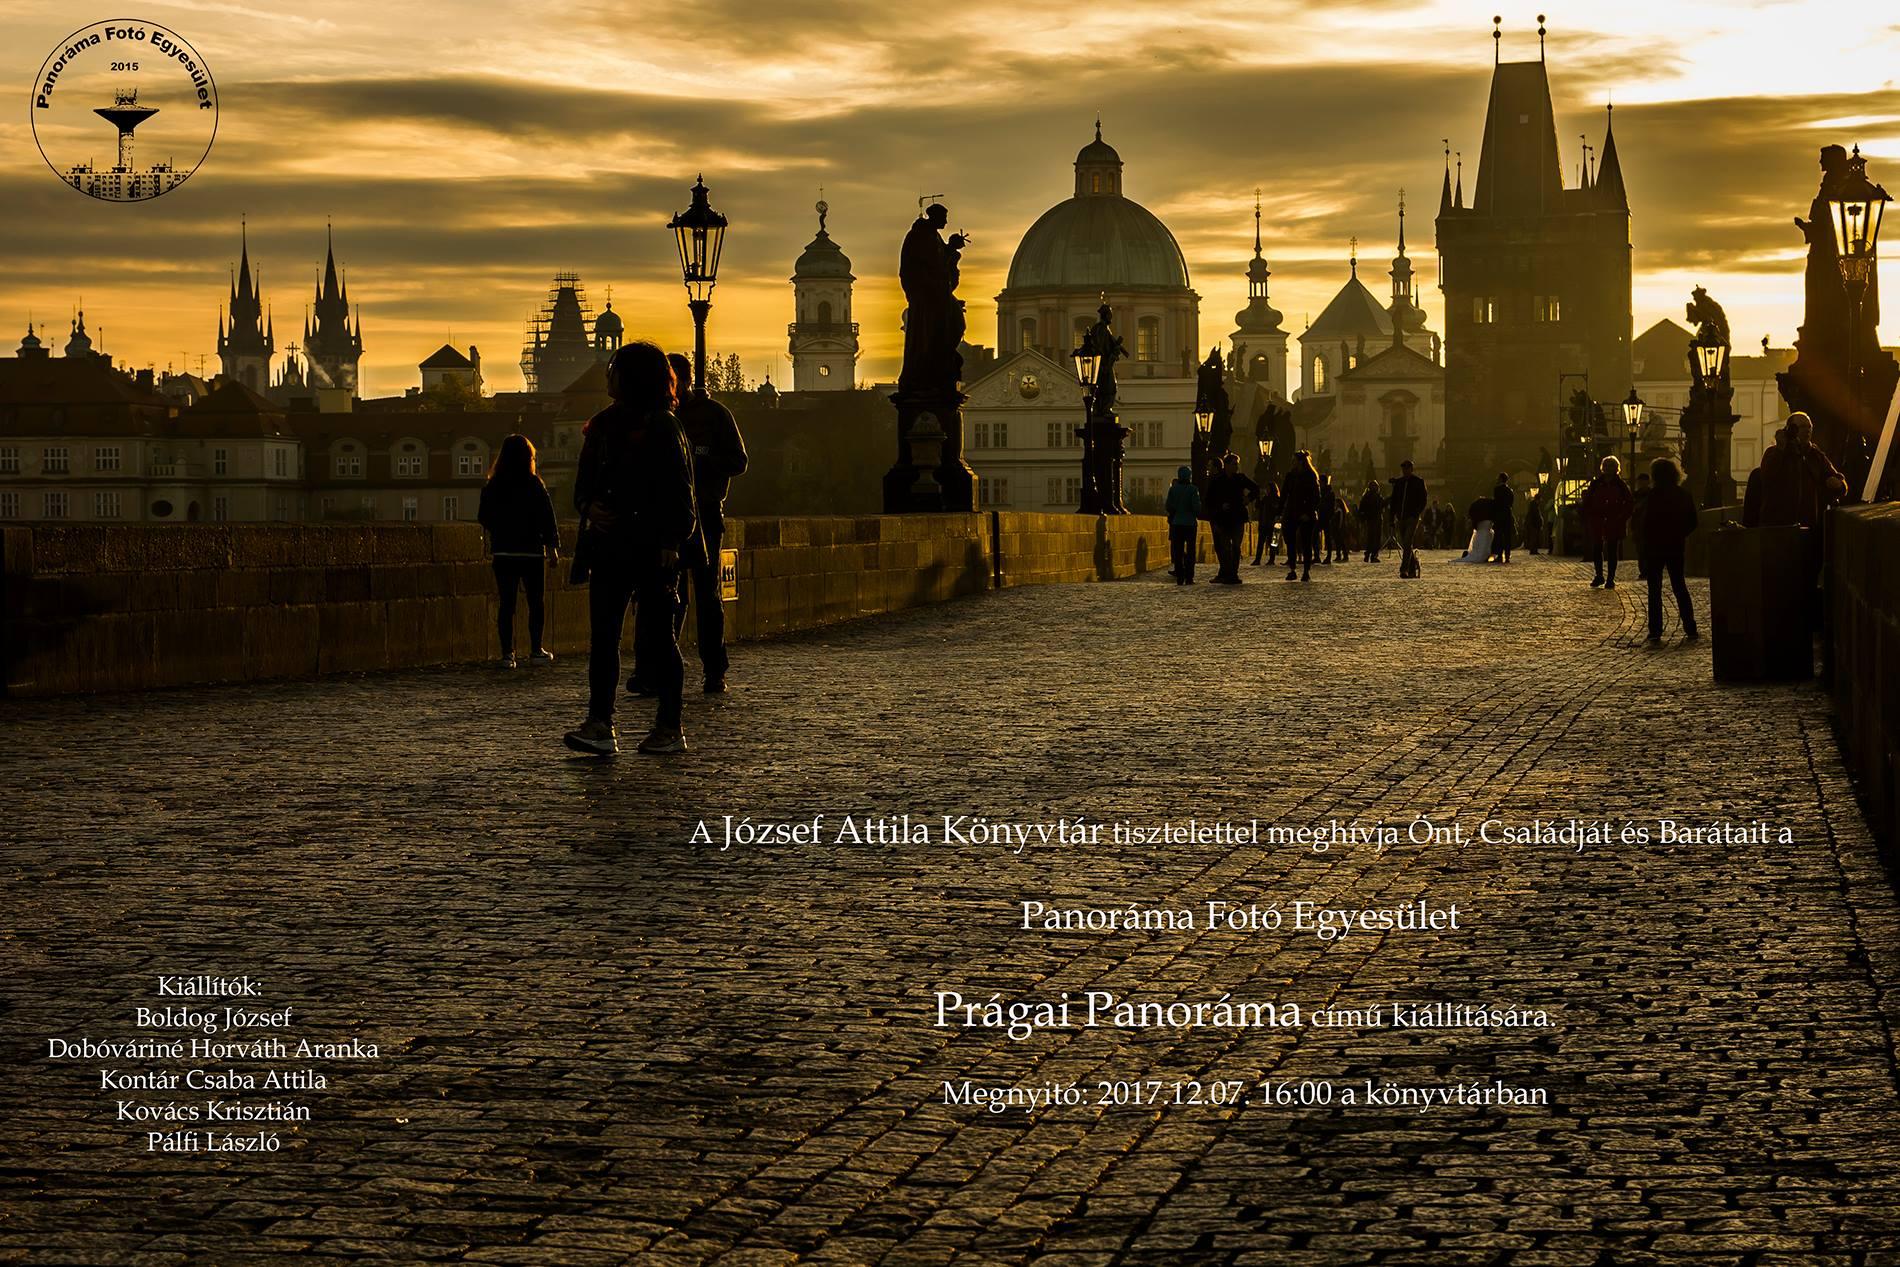 Prágai Panoráma